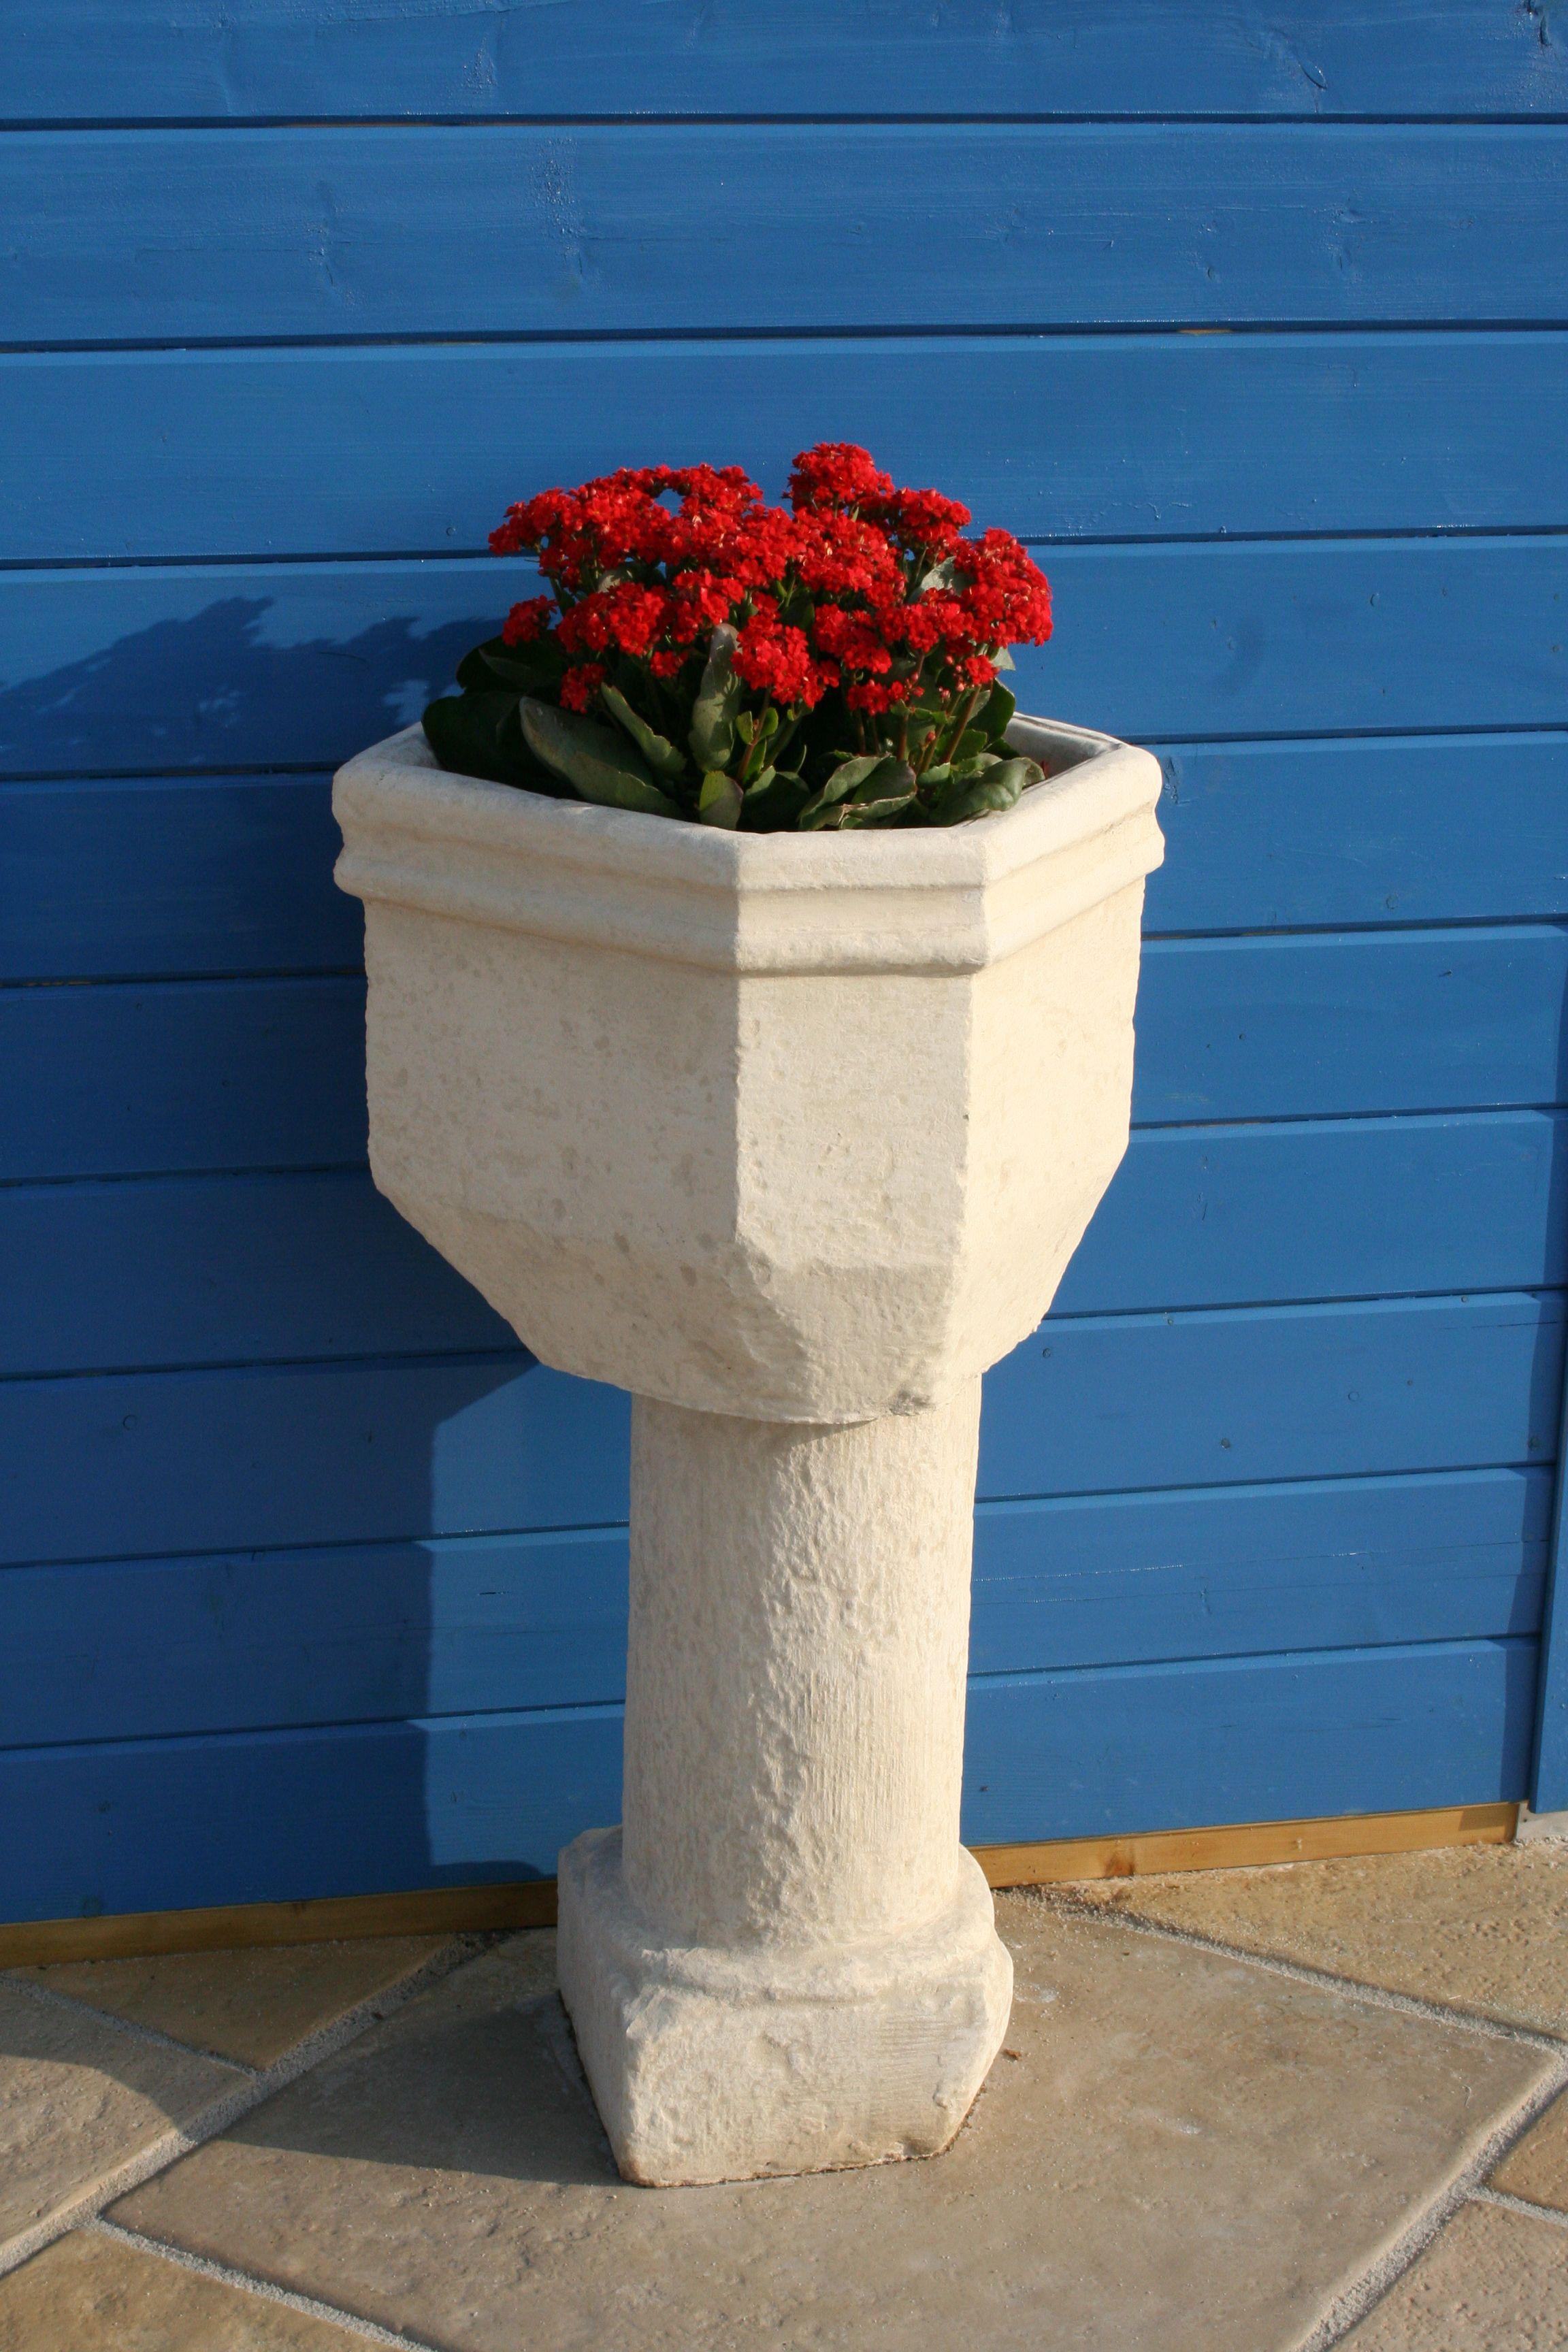 Vasque de jardin en ciment blanc décoratif, modèle 2.   Vasques de ...